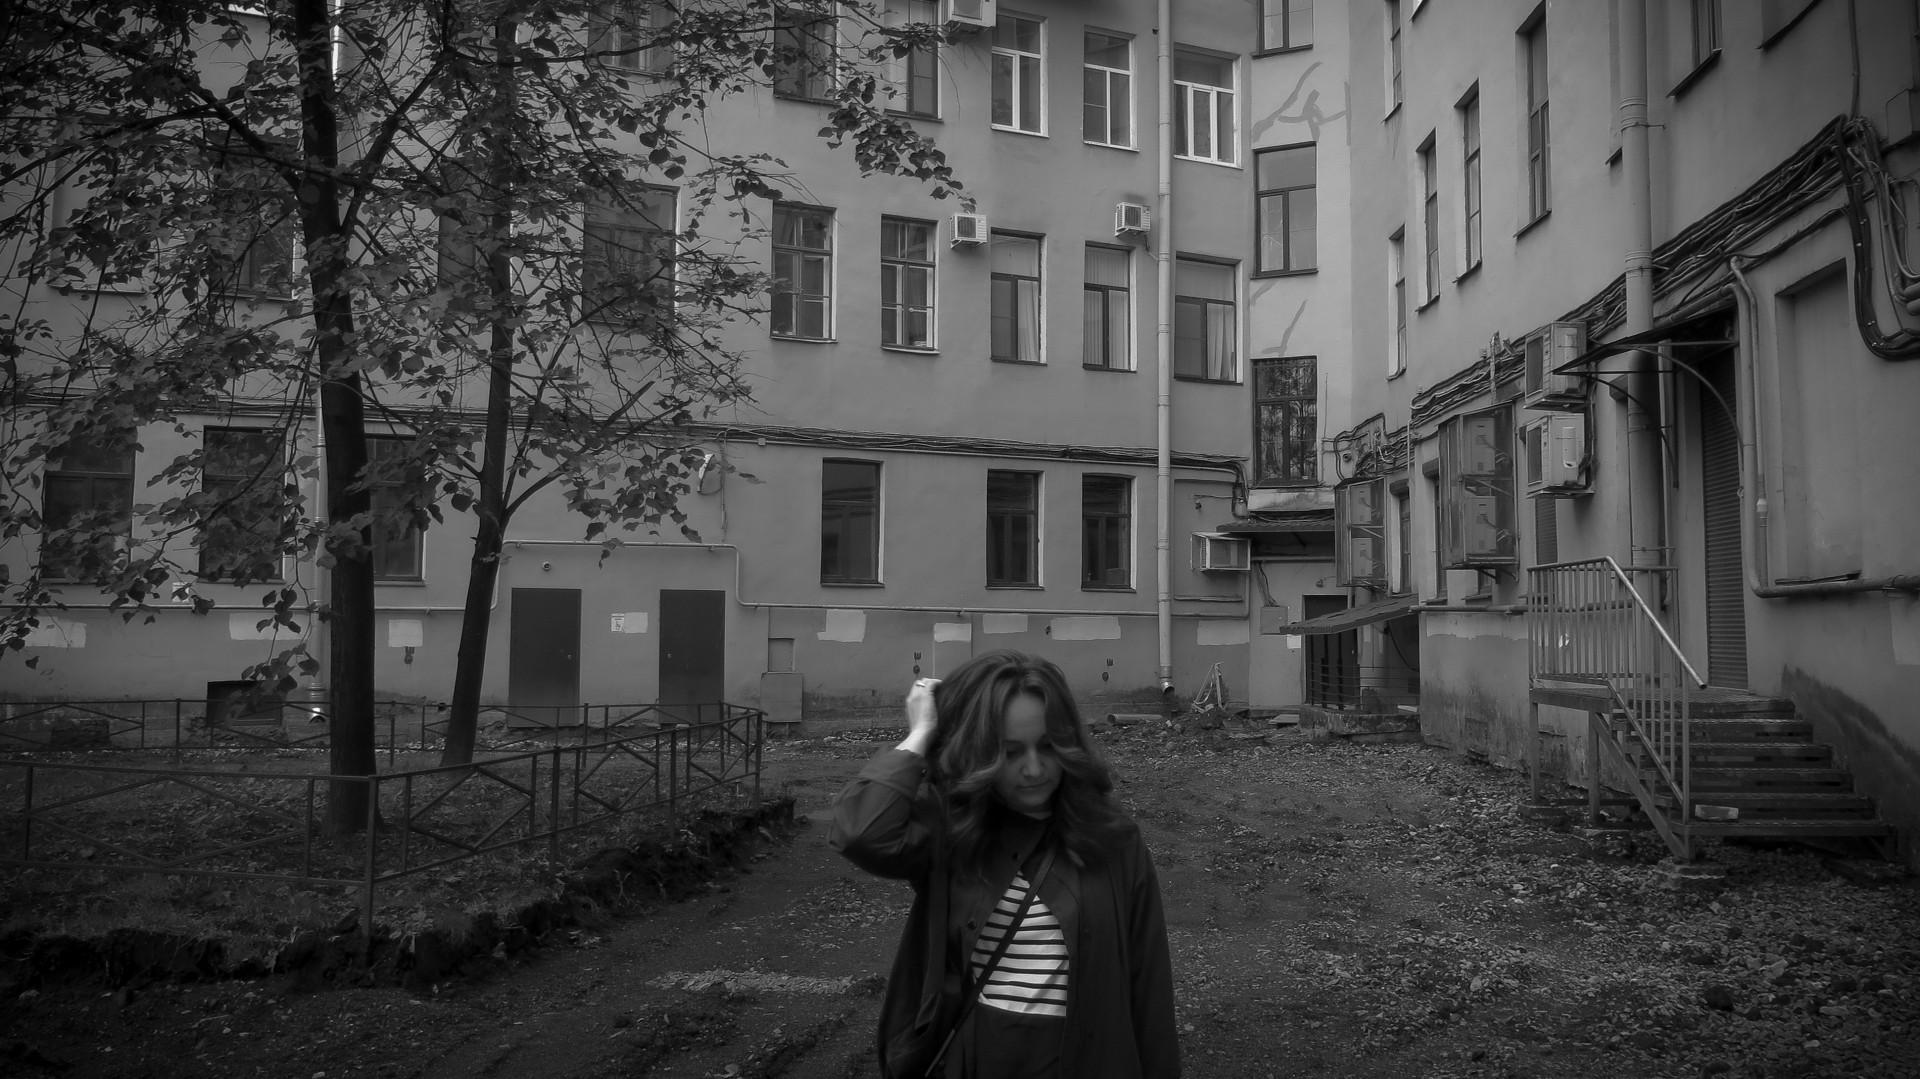 Снять девочку Никольский пер. интим Почтамтская улица